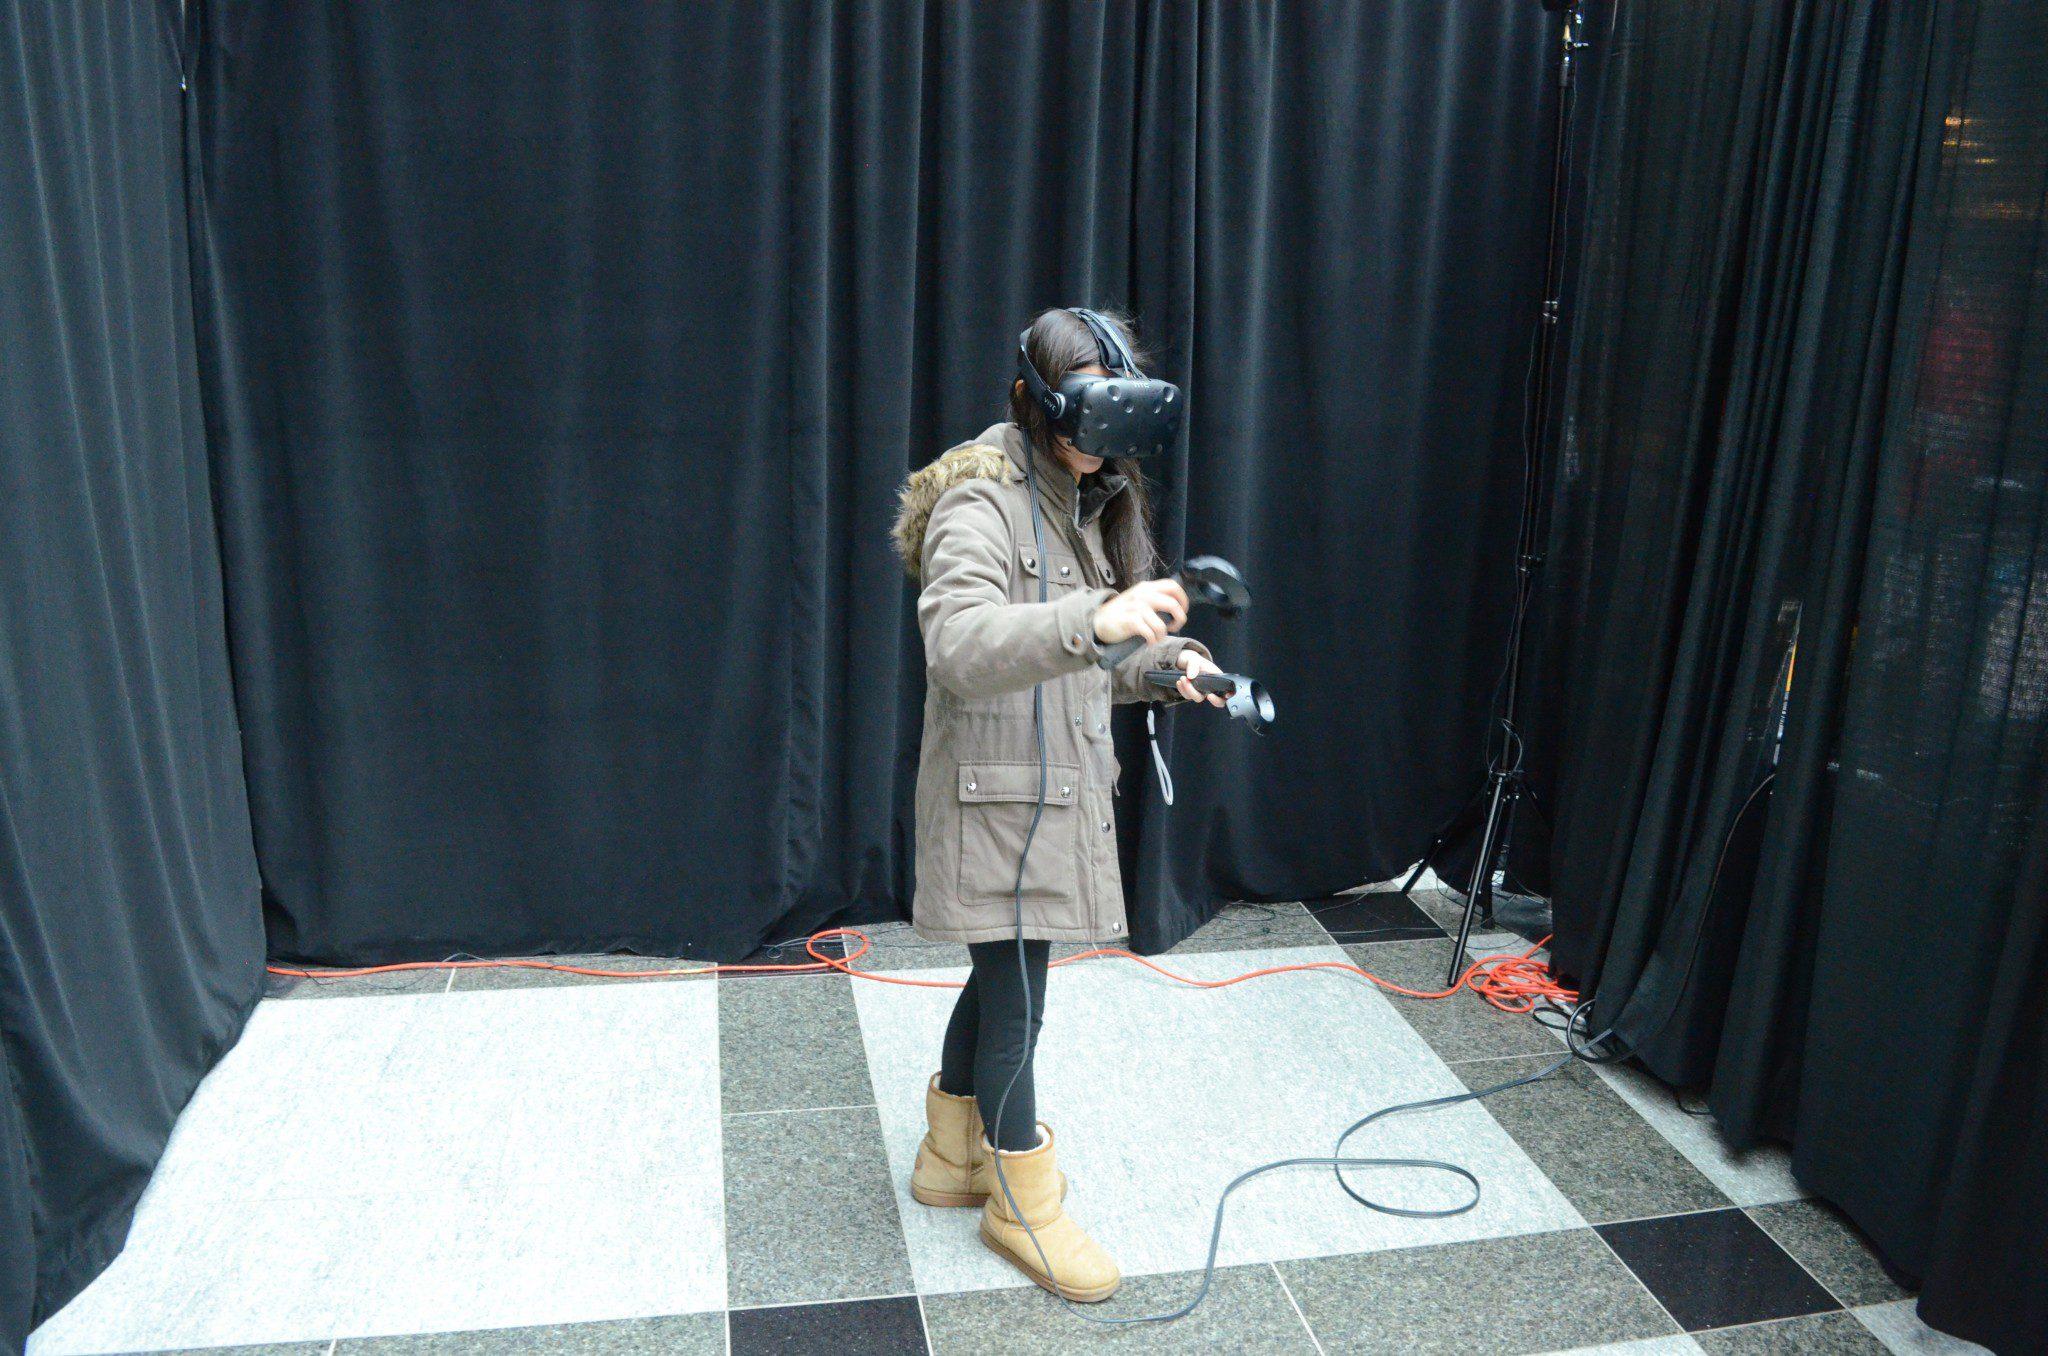 girl in VR gear